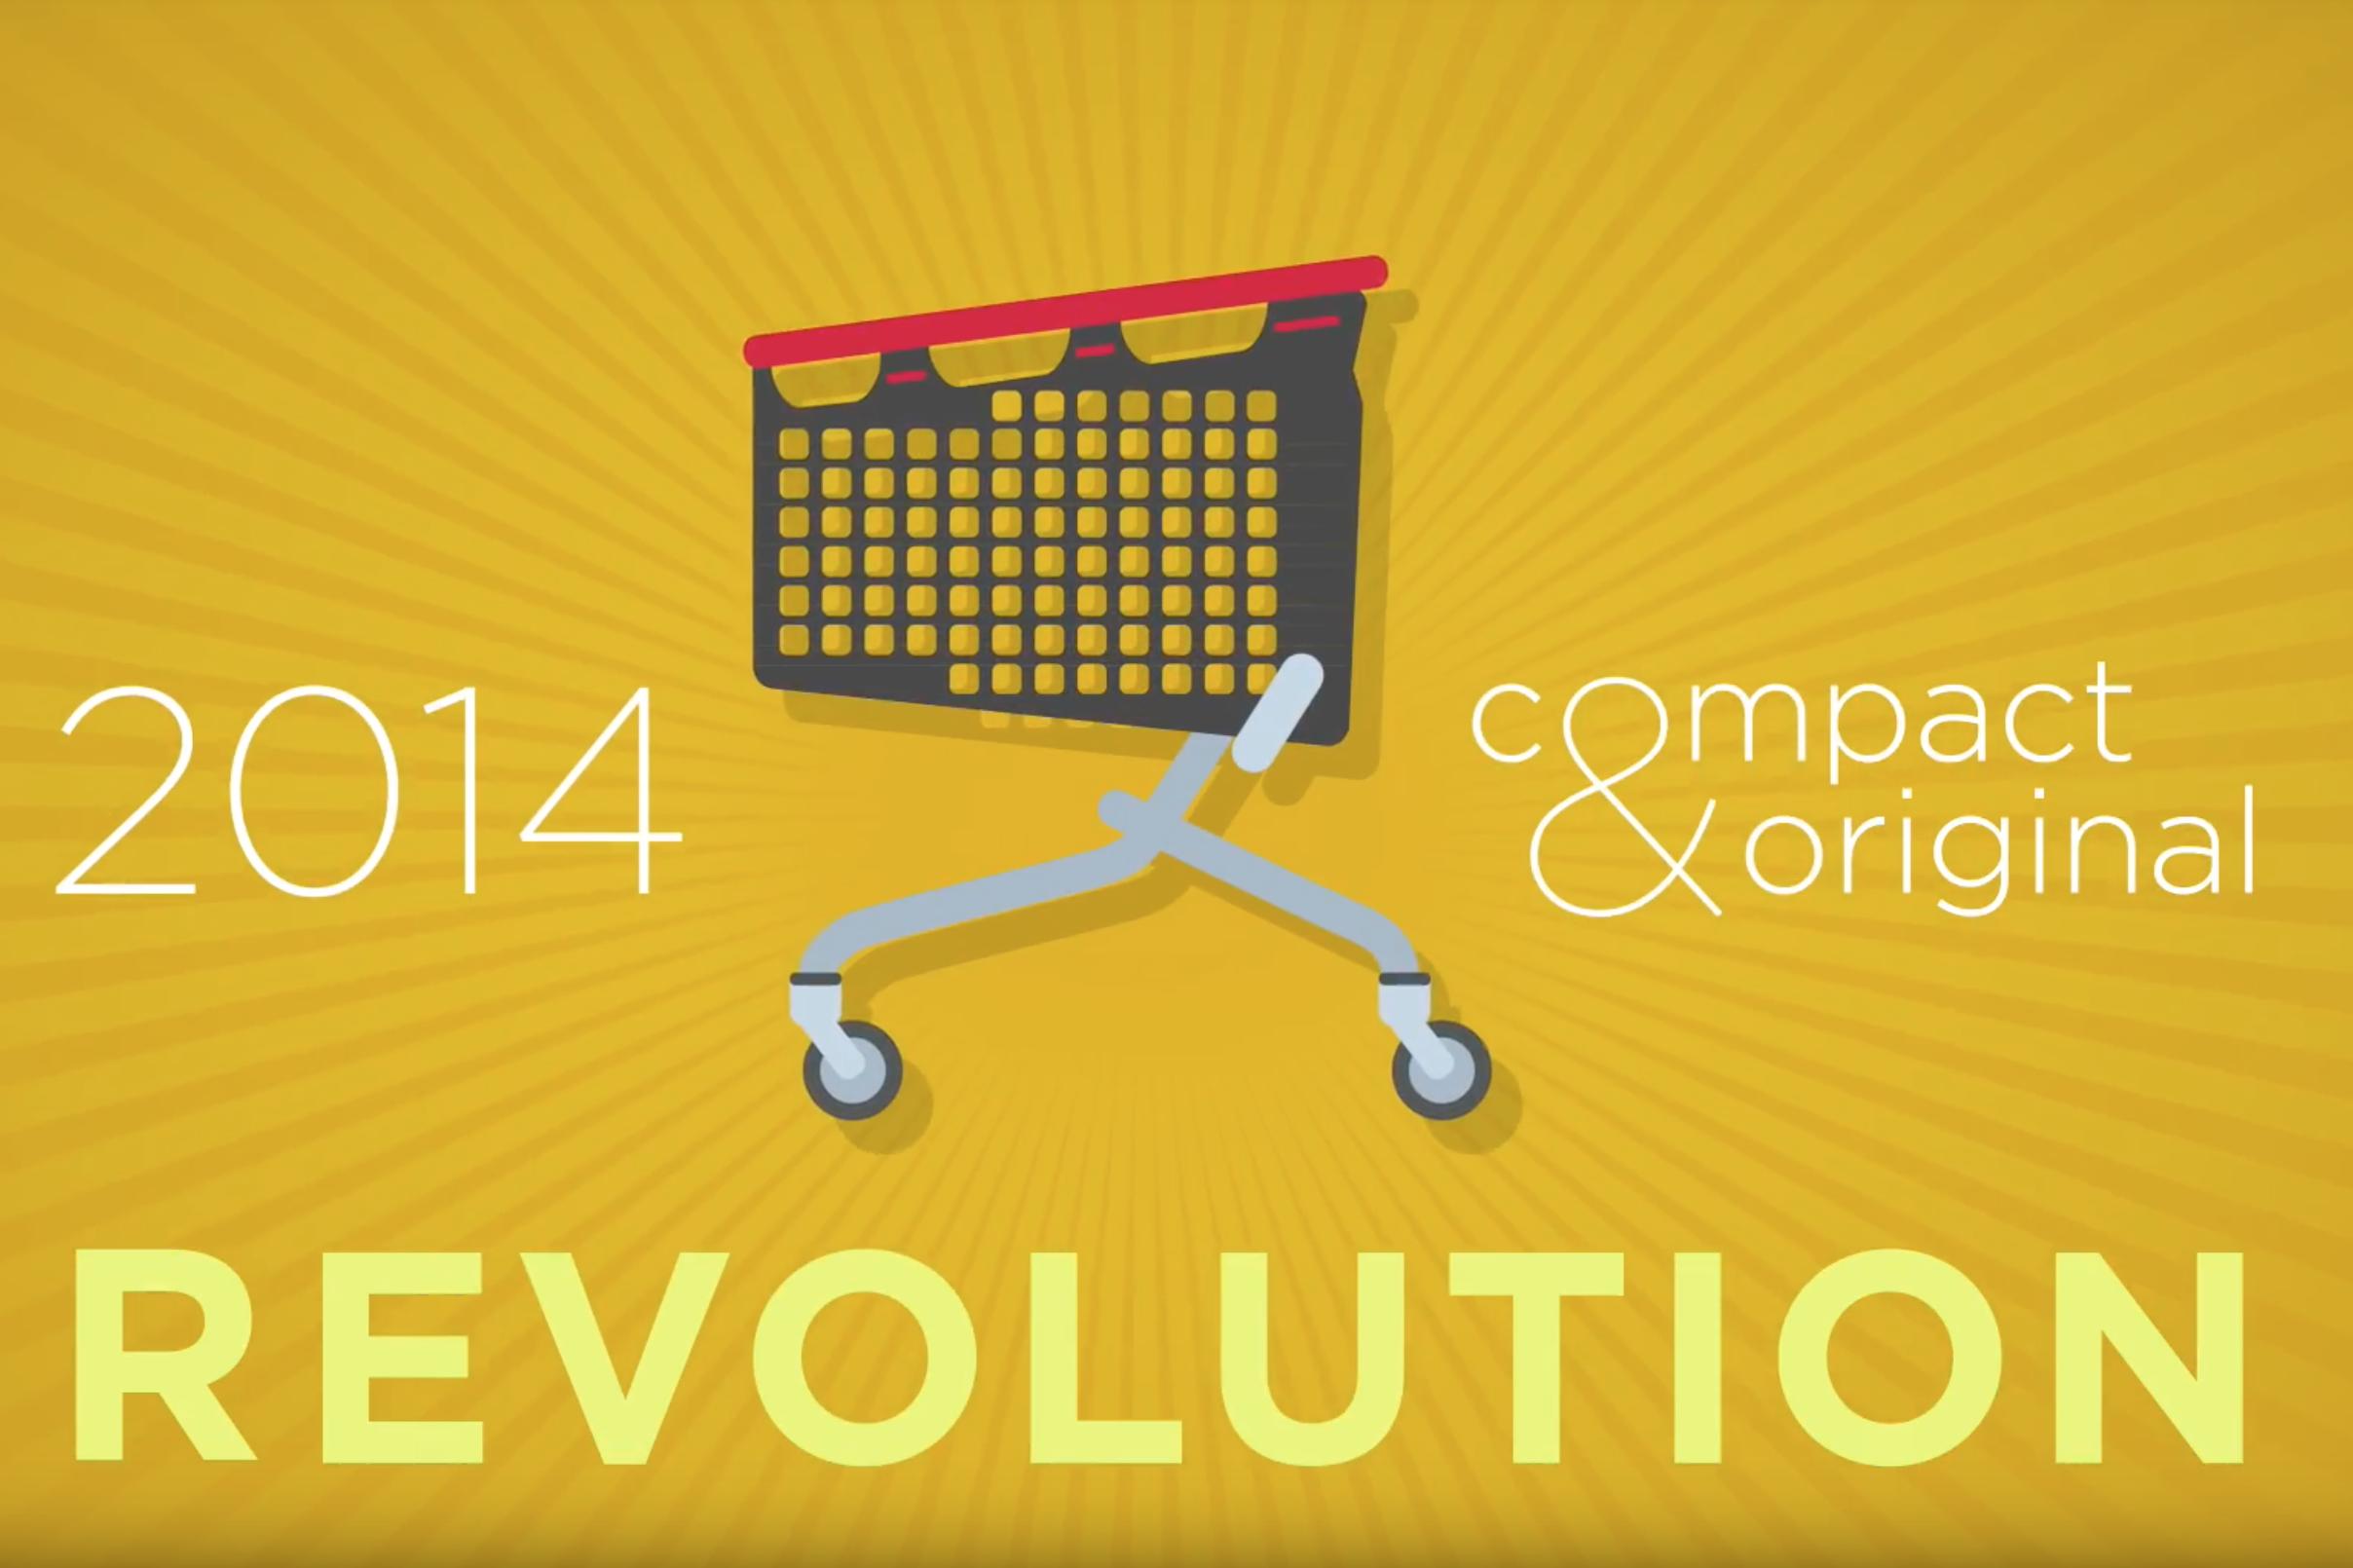 Contenidos Araven: El Inbound Marketing como innovación en el marketing